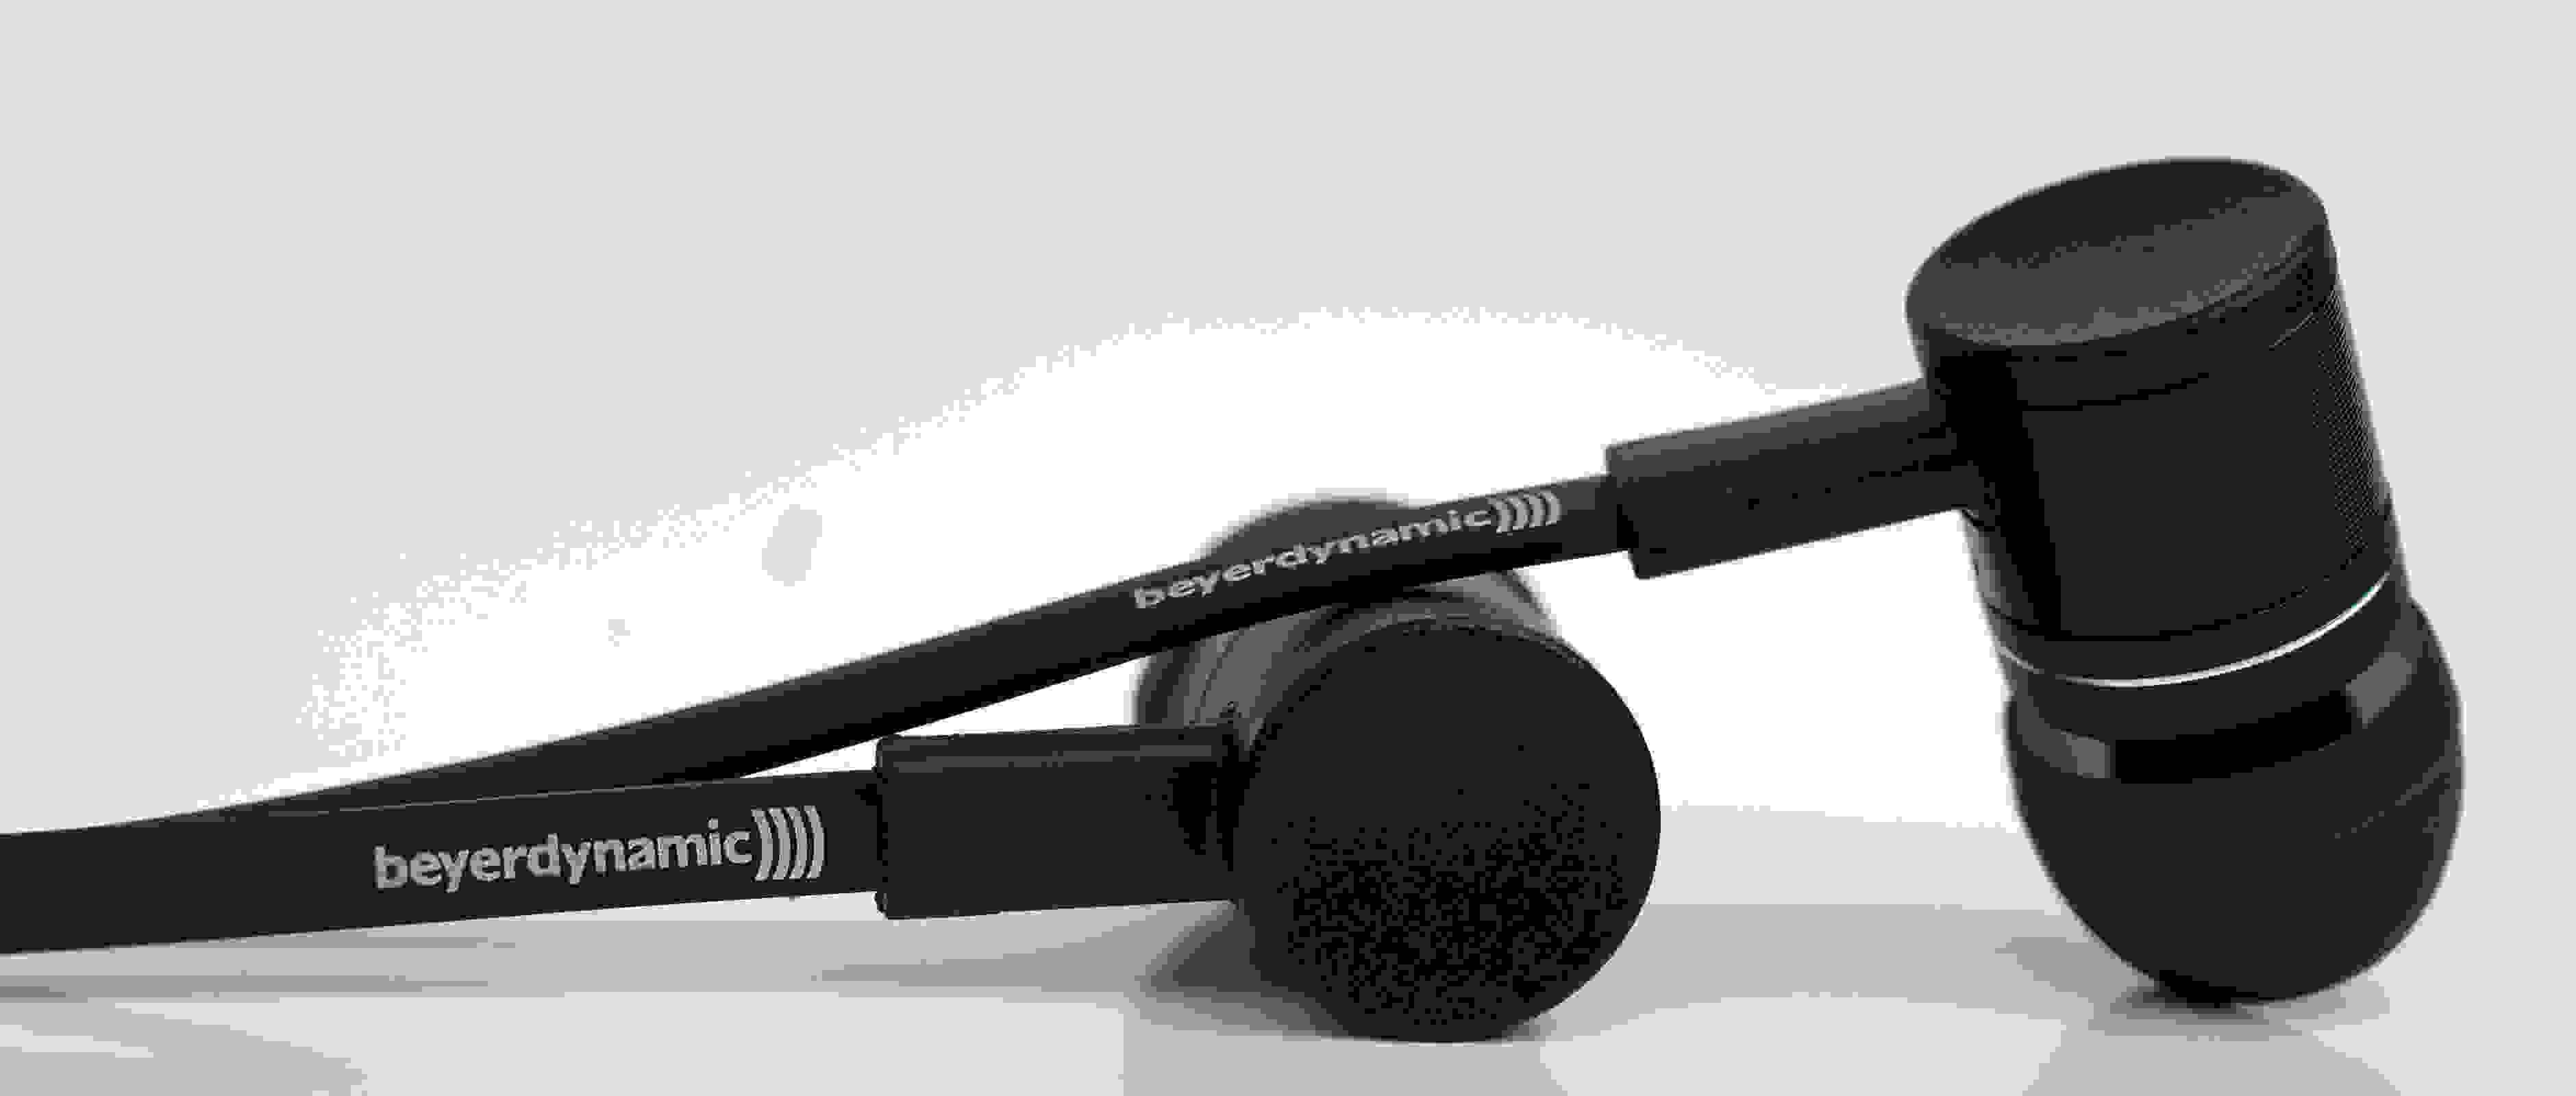 The Beyerdynamic DX 120 iE in-ear headphones